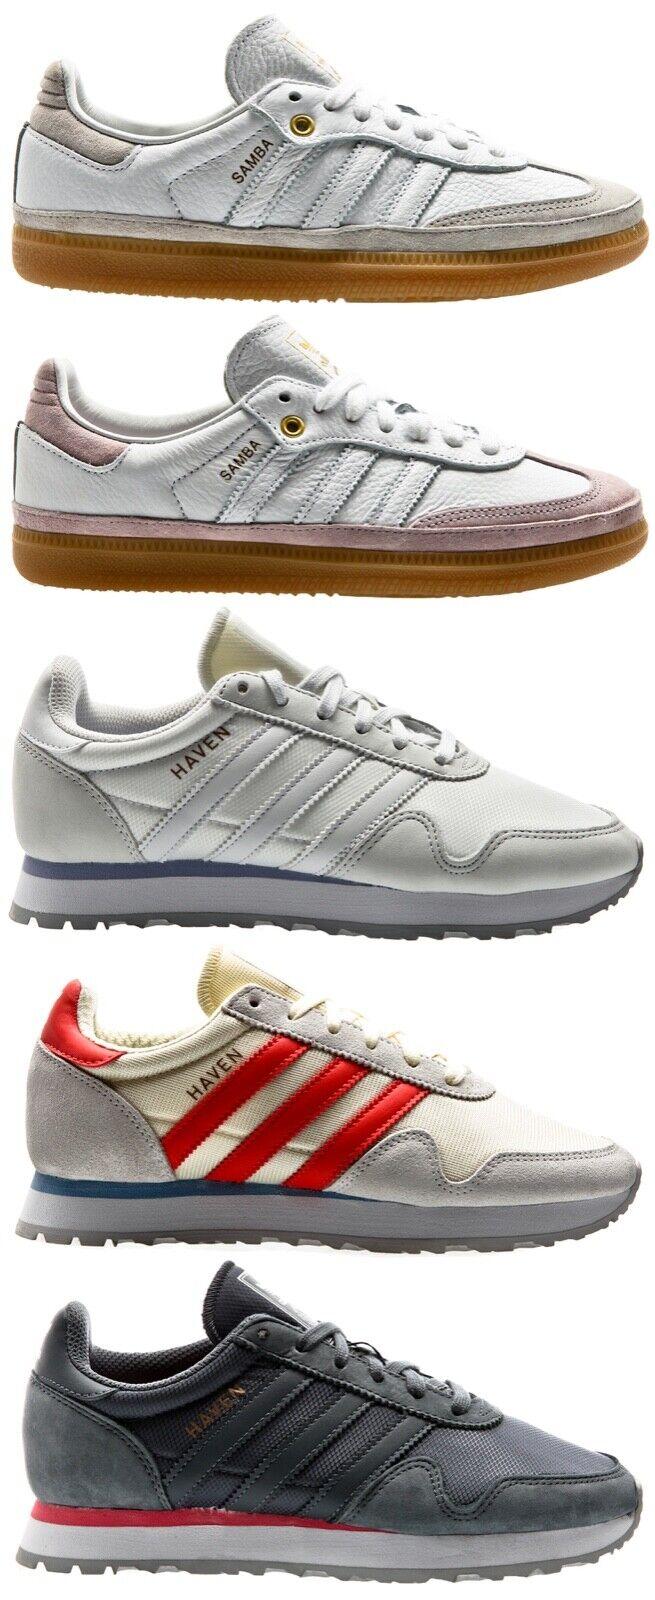 Adidas Originals  W Haven Samba Og W Rel Donne scarpe da ginnastica Donne Scarpe  designer online